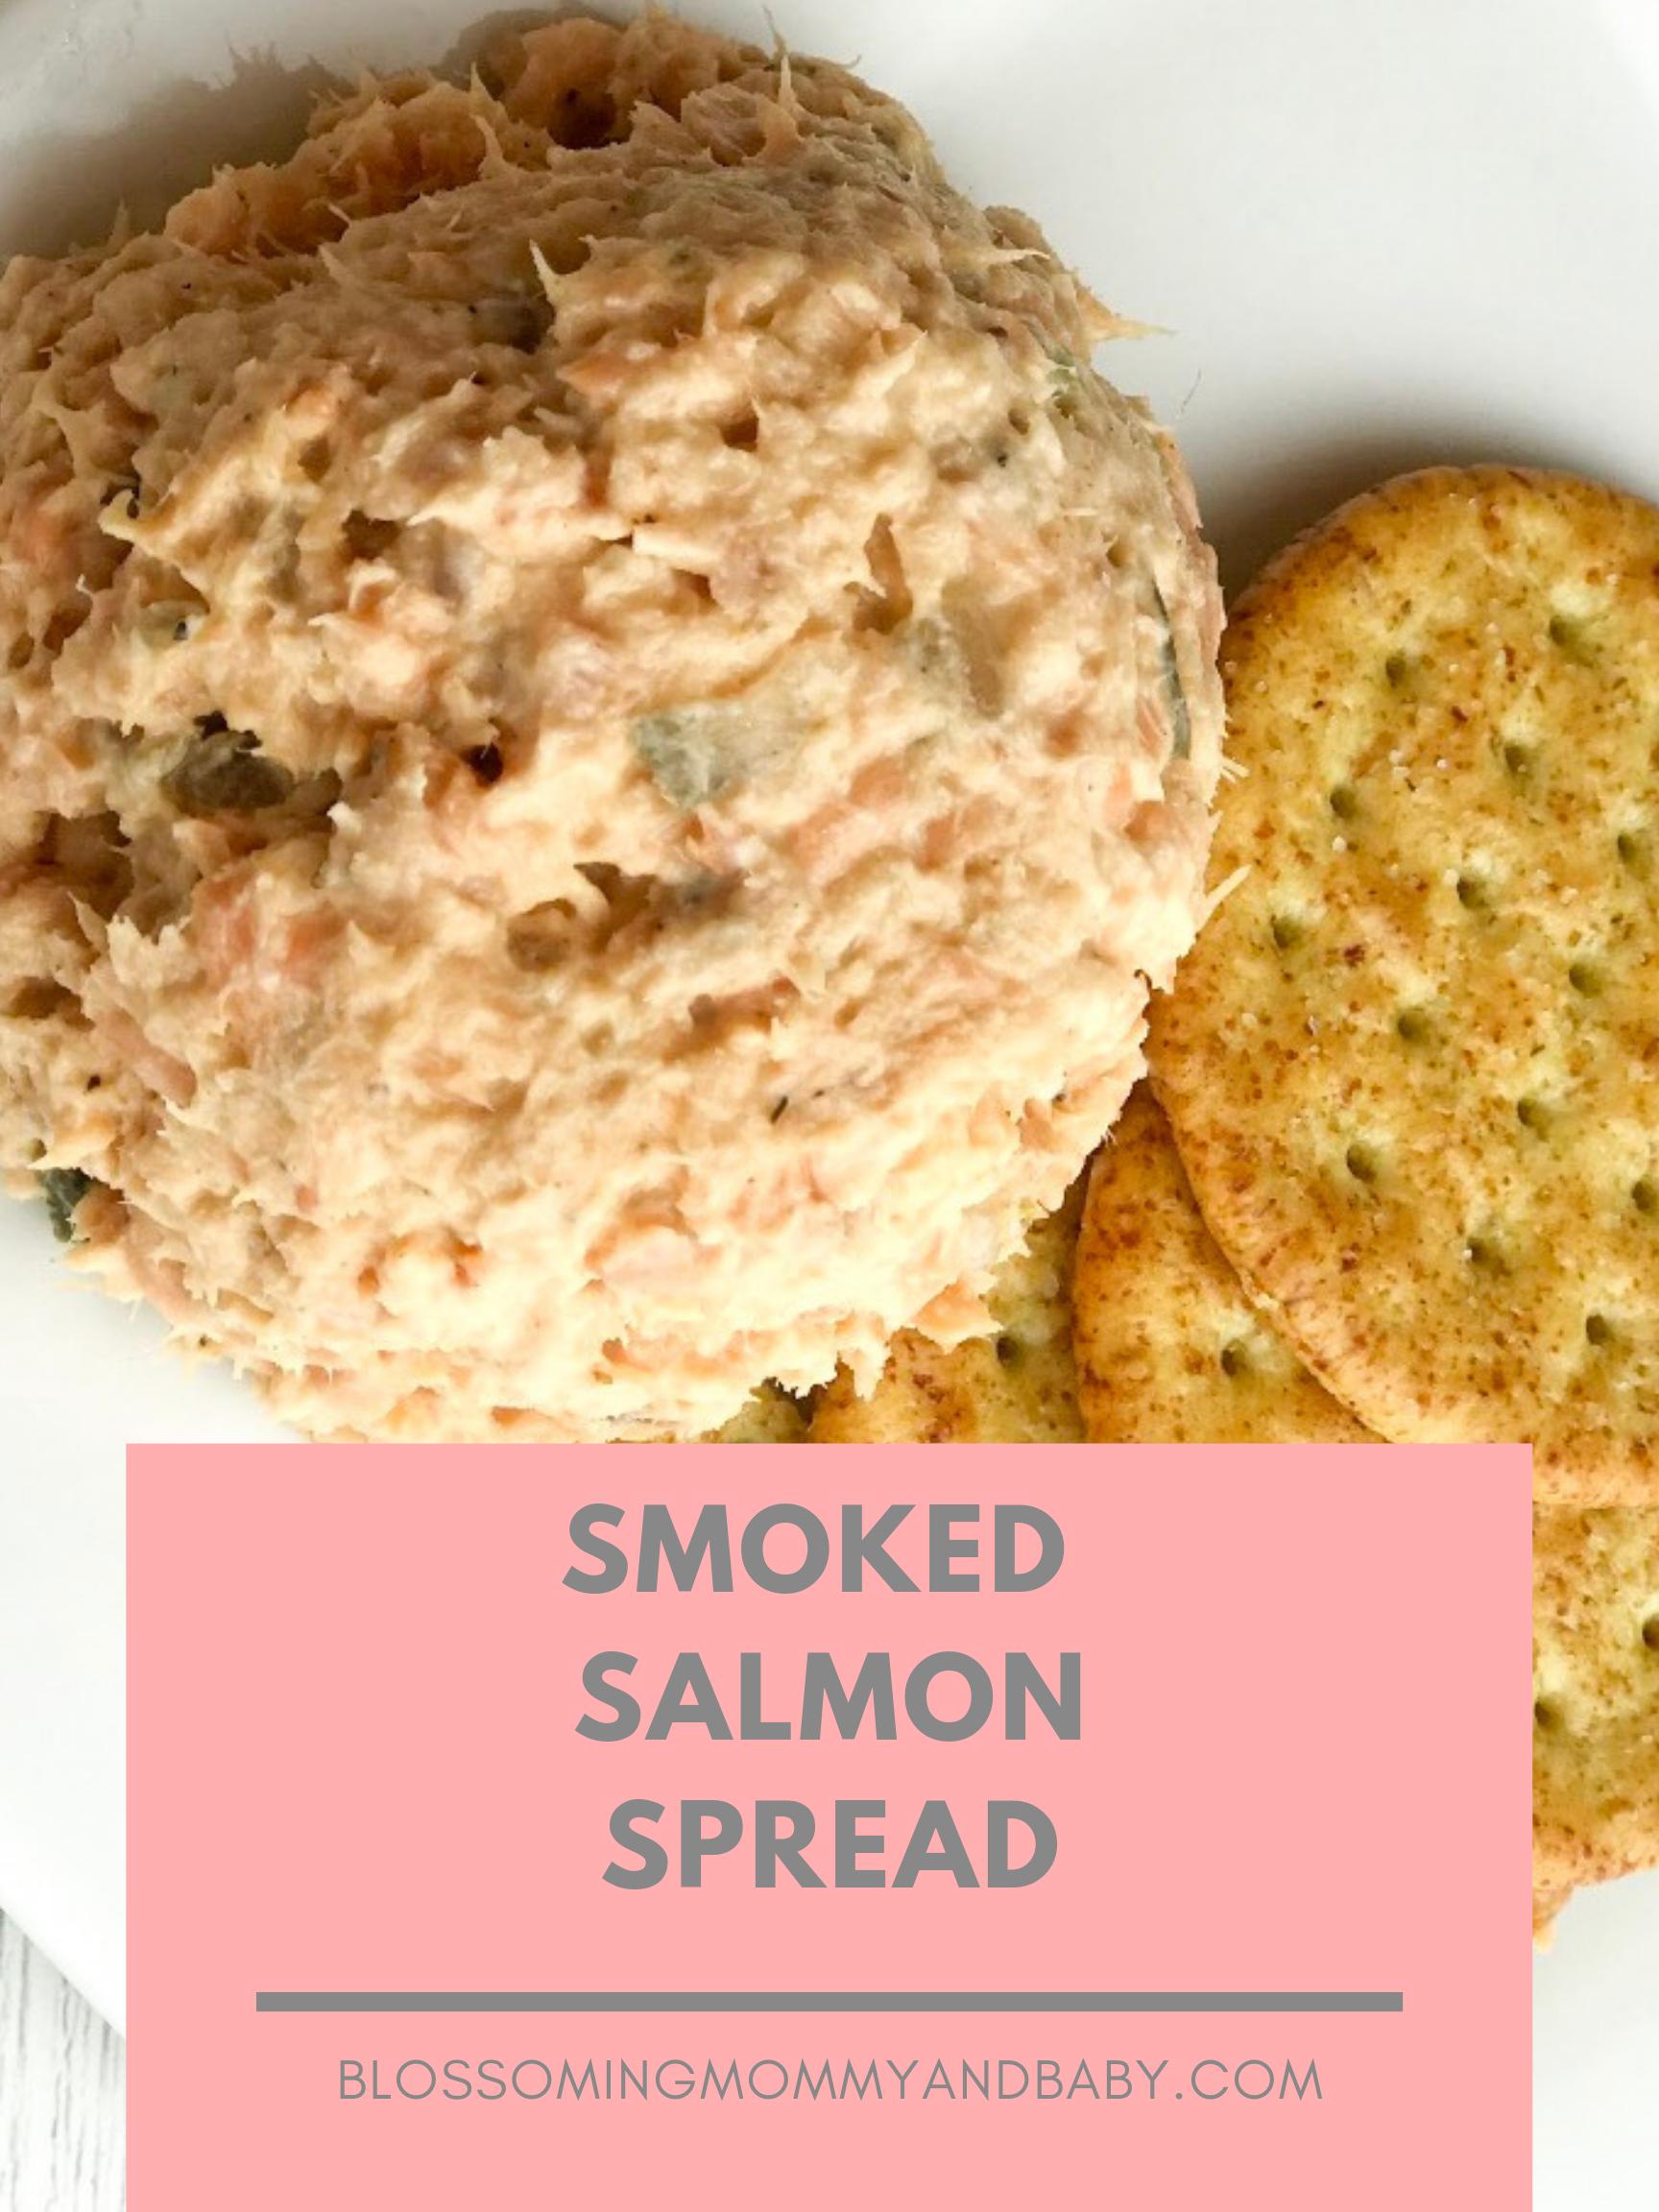 Smoked Salmon Spread